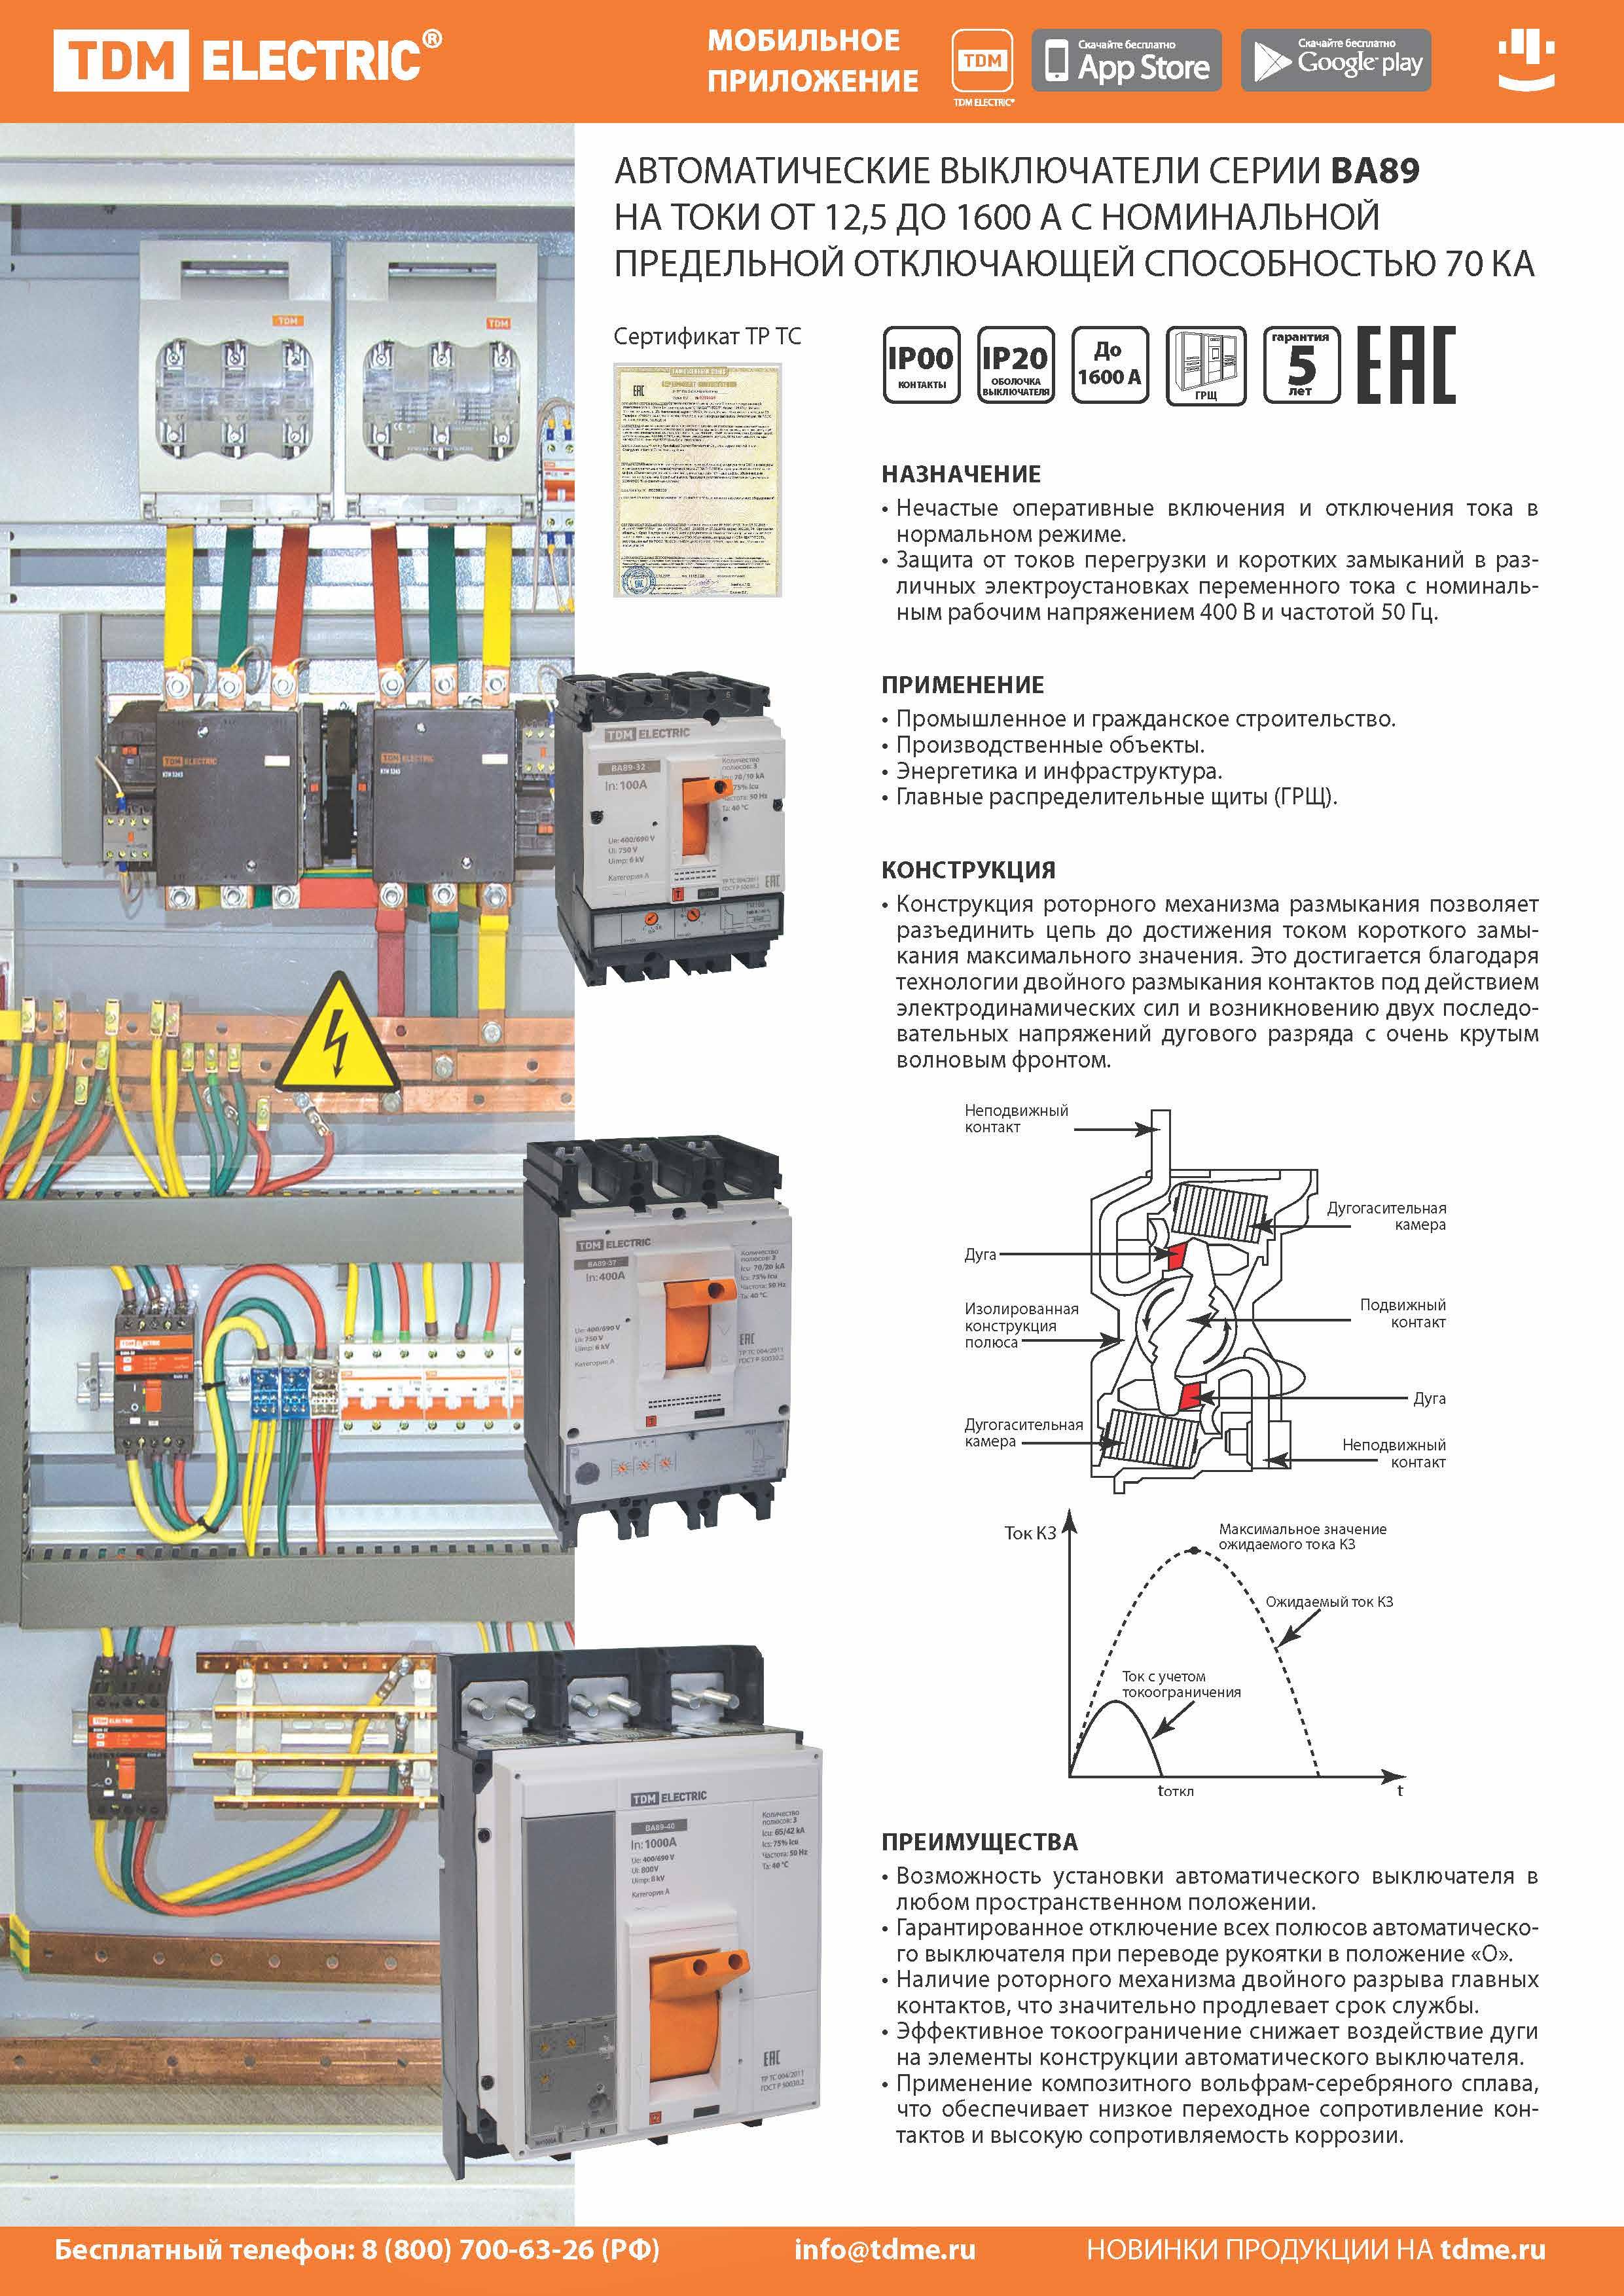 Автоматический выключатель ВА89-33 3Р 125А 70кА TDM